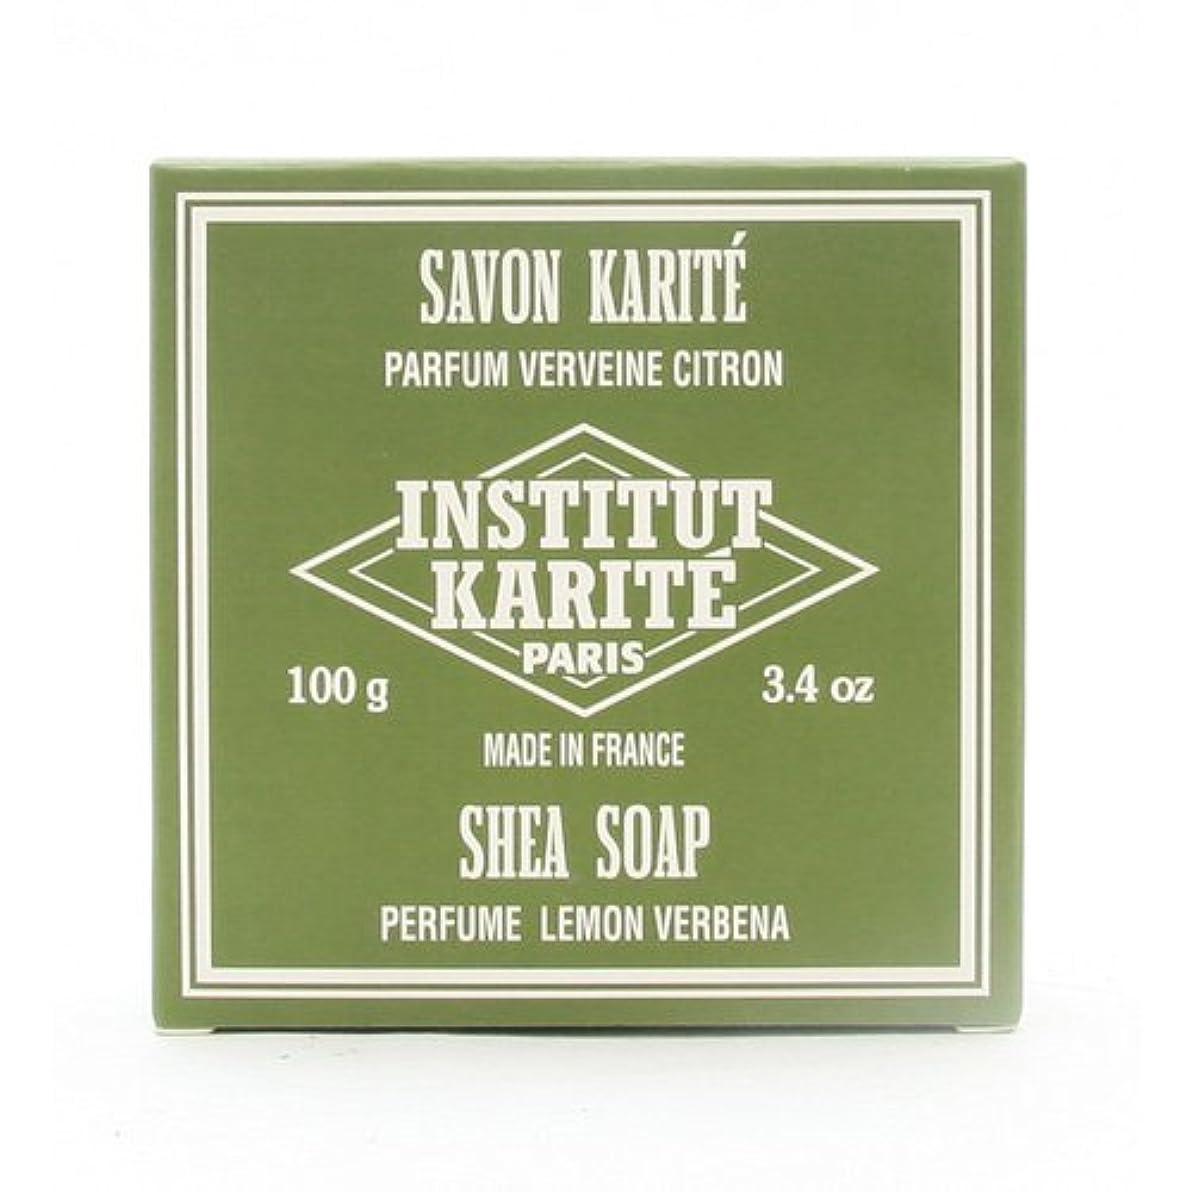 かび臭い十年滴下INSTITUT KARITE インスティテュート カリテ 25% Extra Gentle Soap ジェントルソープ 100g Lemon Vervenaレモンバーベナ